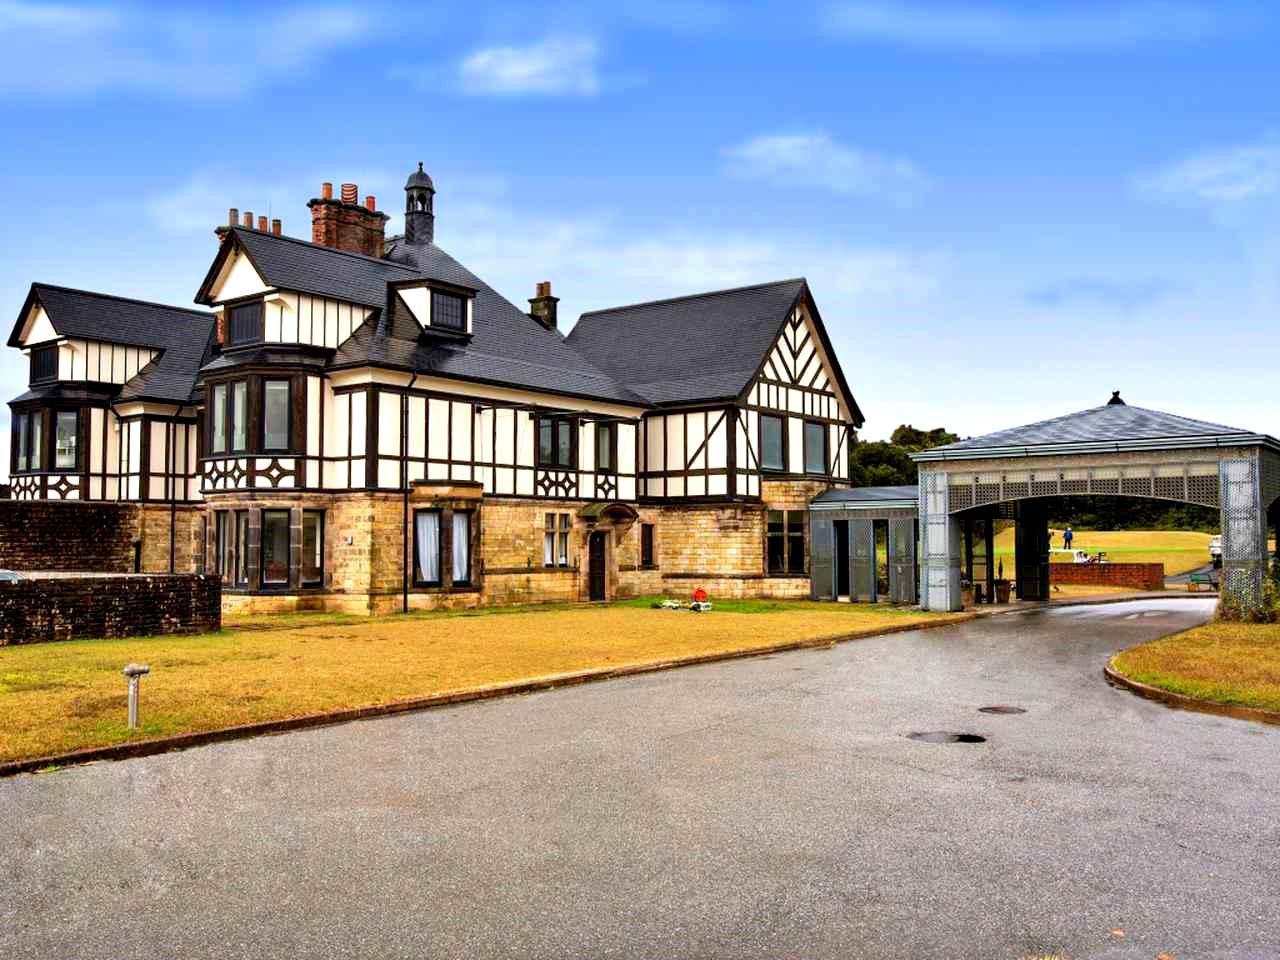 画像: アバイディングクラブ ゴルフソサエティの英国製クラブハウス